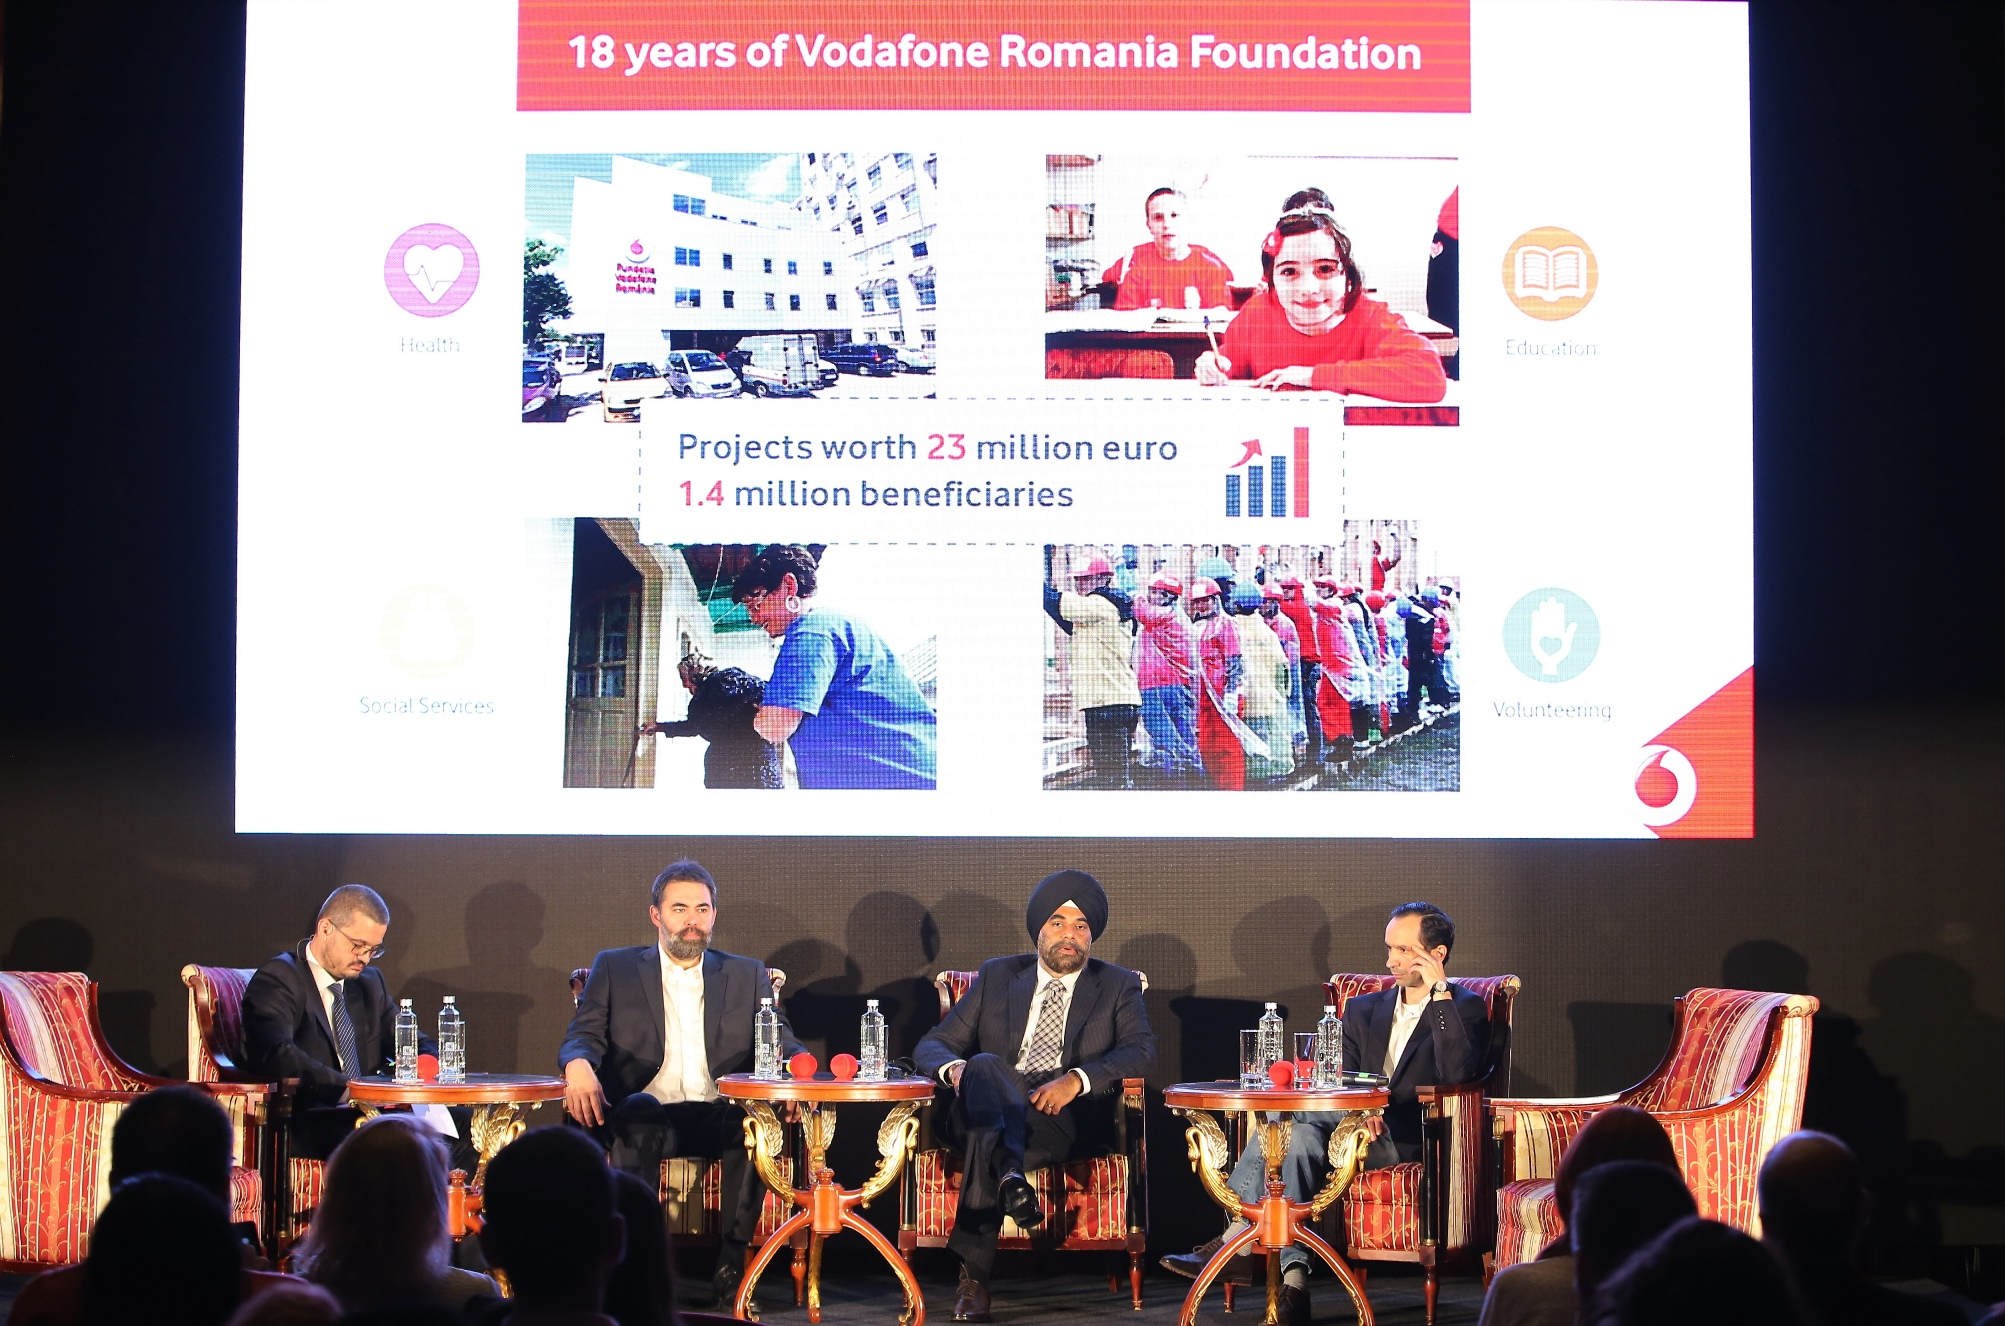 Bilanţ al Fundaţiei Vodafone România – proiecte în valoare de 23 de milioane de euro, pentru 1,4 milioane de beneficiari